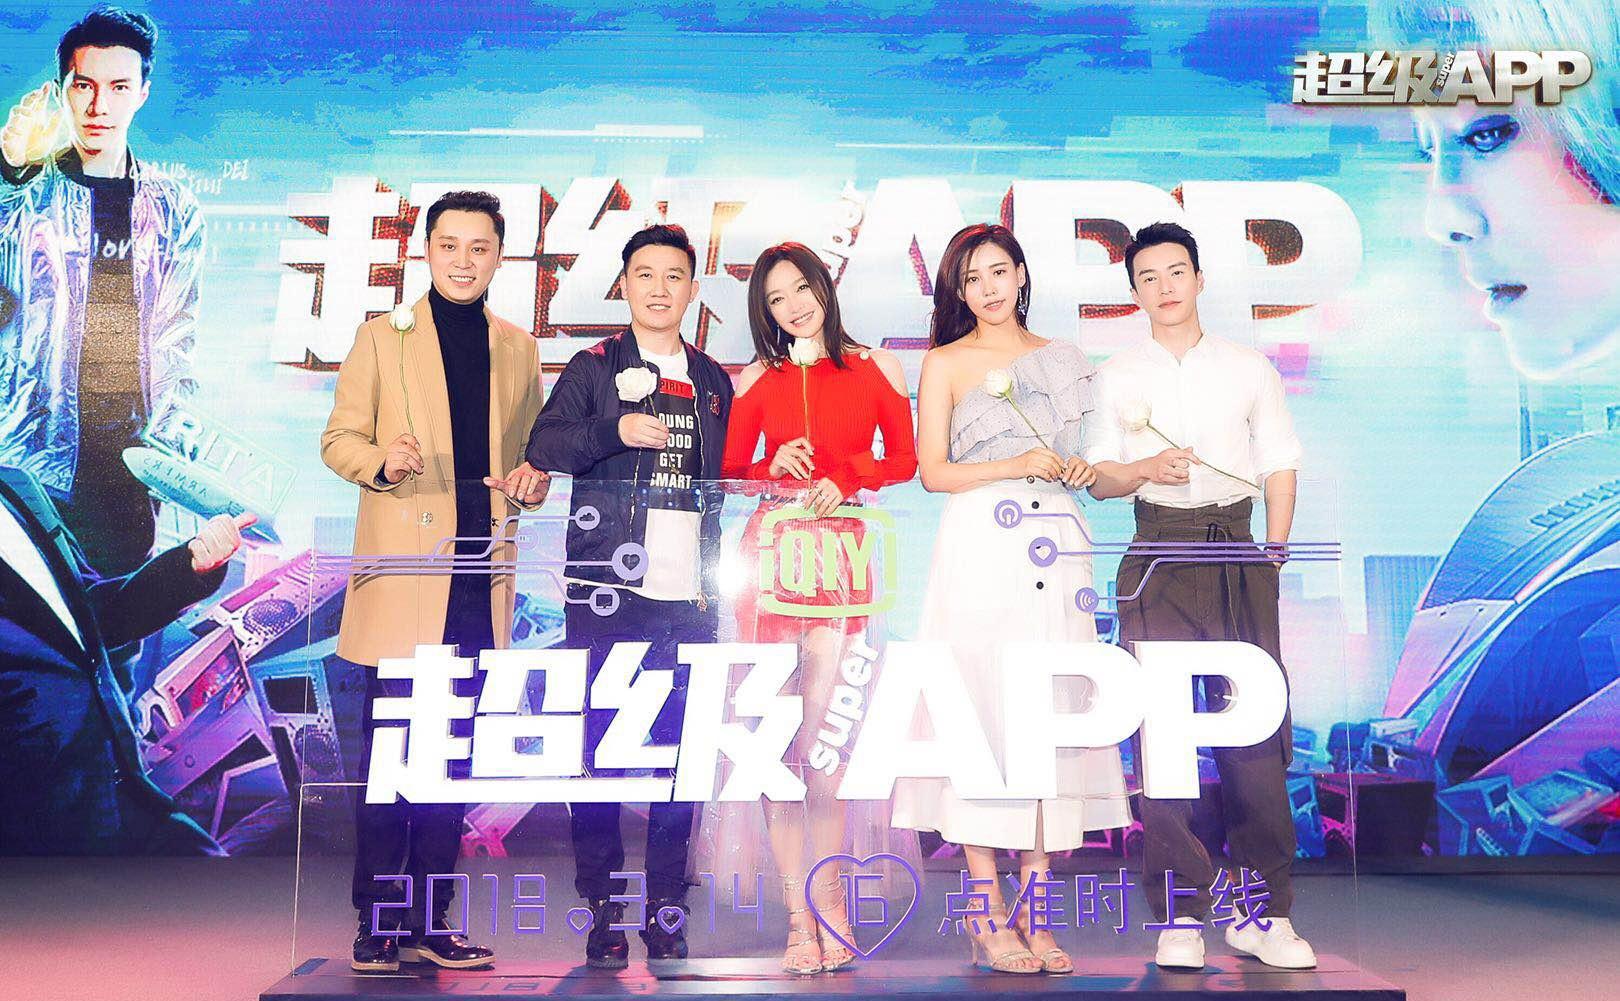 电影《超级APP》在京召开发布会 秦岚杨树林现场告白